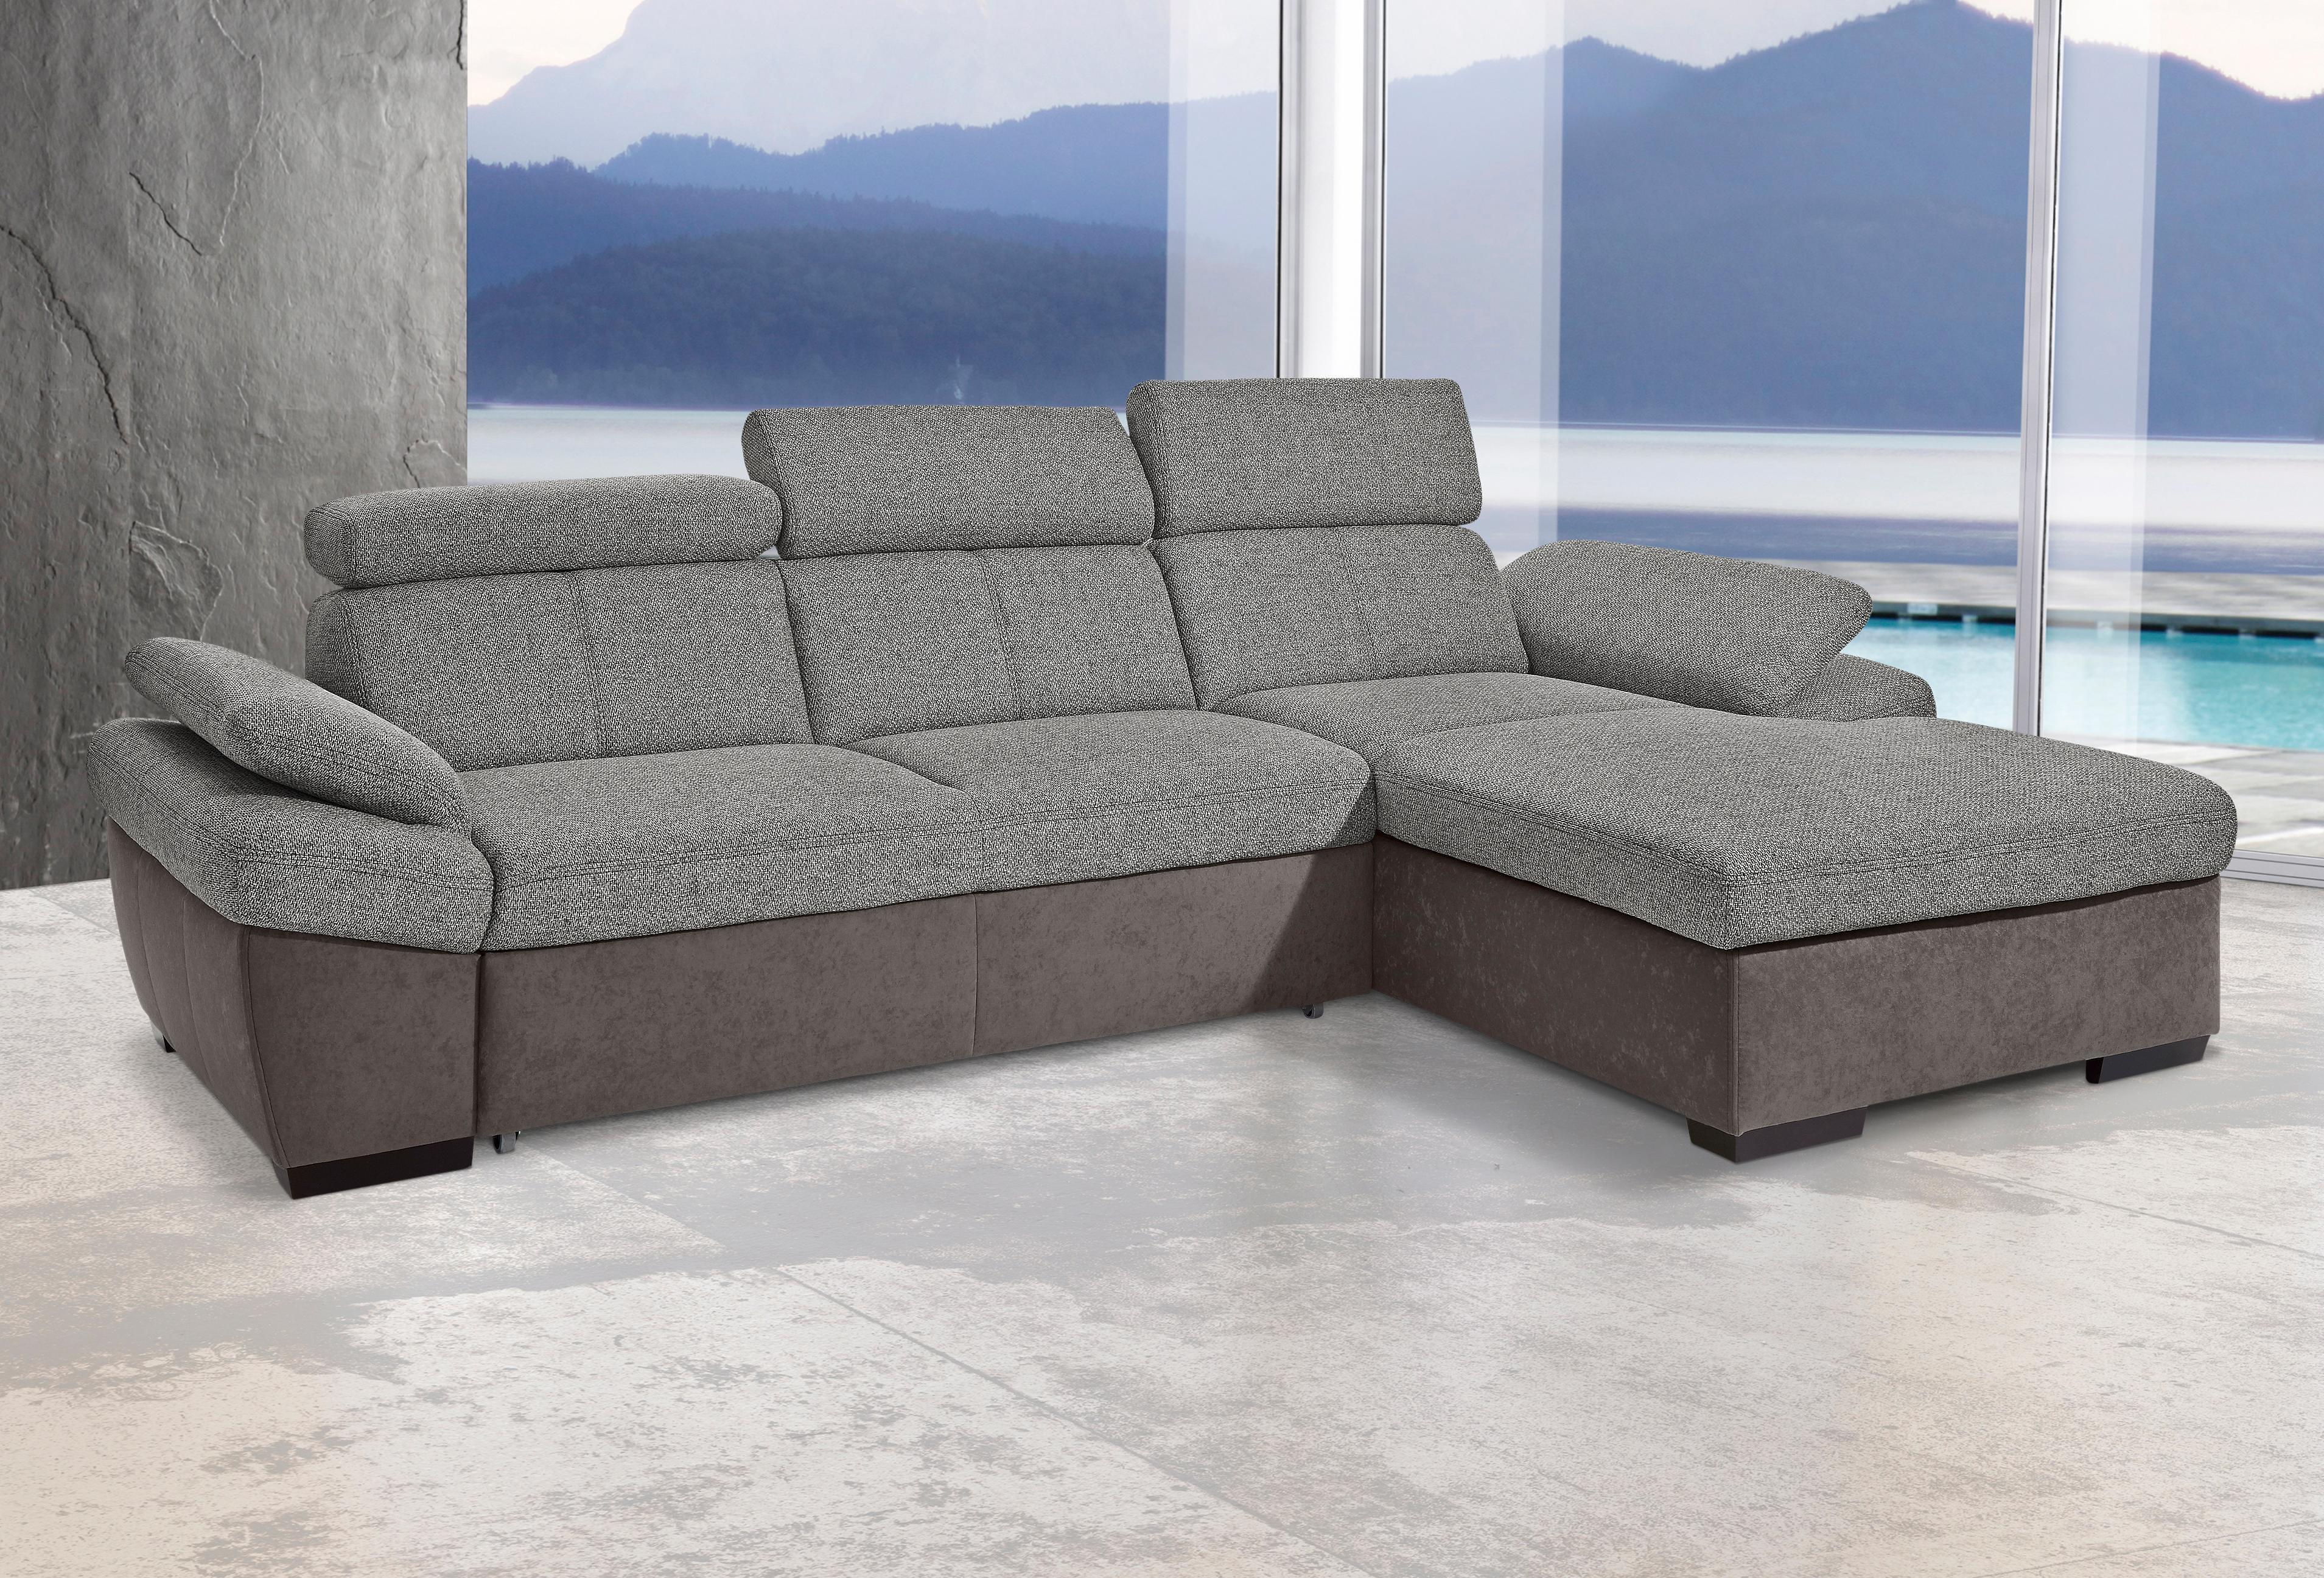 Exxpo - Sofa Fashion exxpo by Gala hoekbank met recamier, naar keuze met slaapfunctie nu online kopen bij OTTO